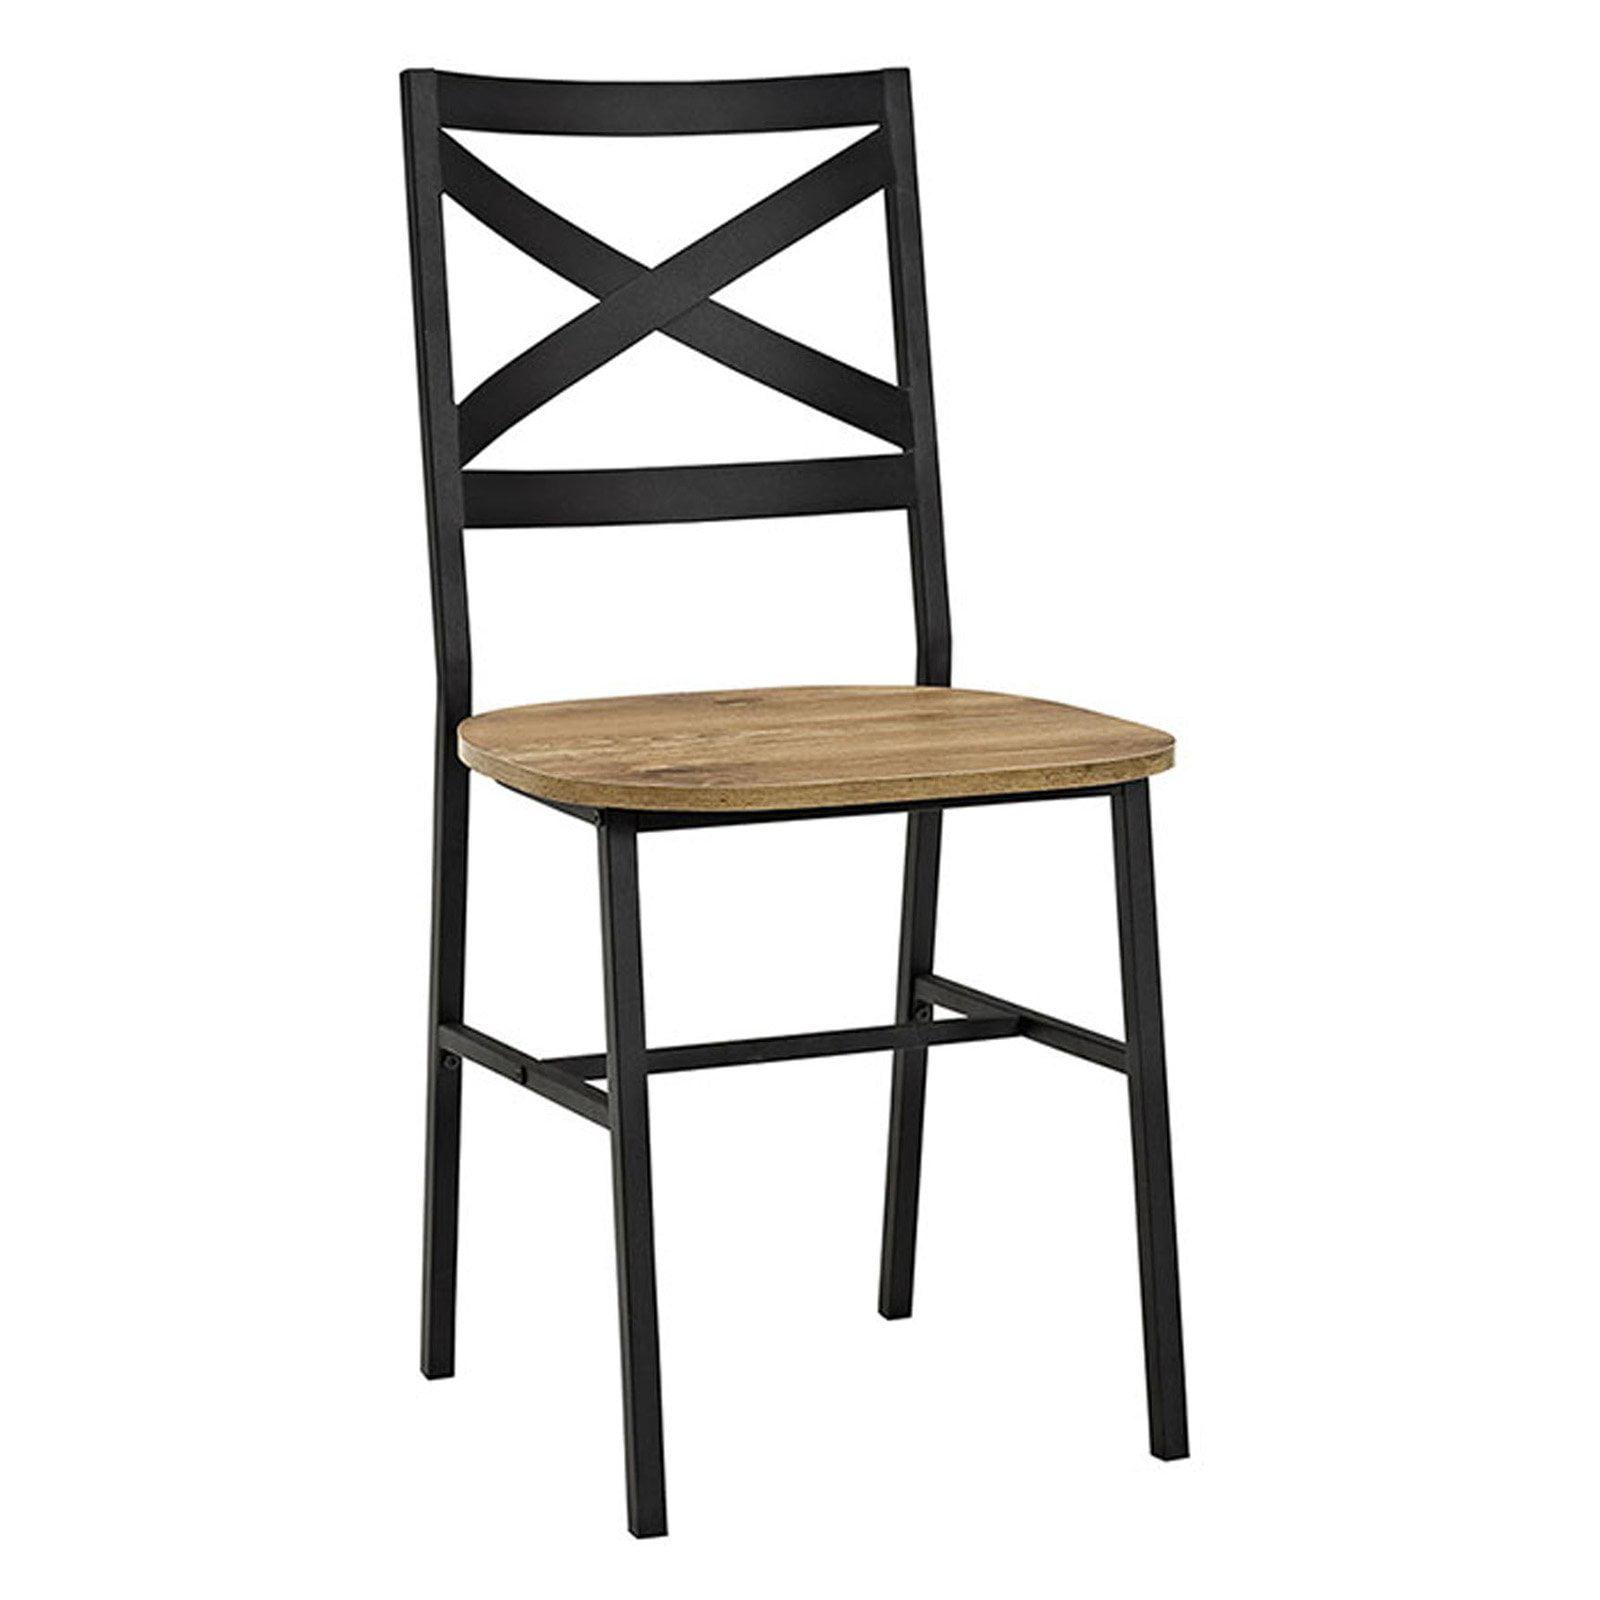 walker edison metal cross back dining chair set of 2. Black Bedroom Furniture Sets. Home Design Ideas